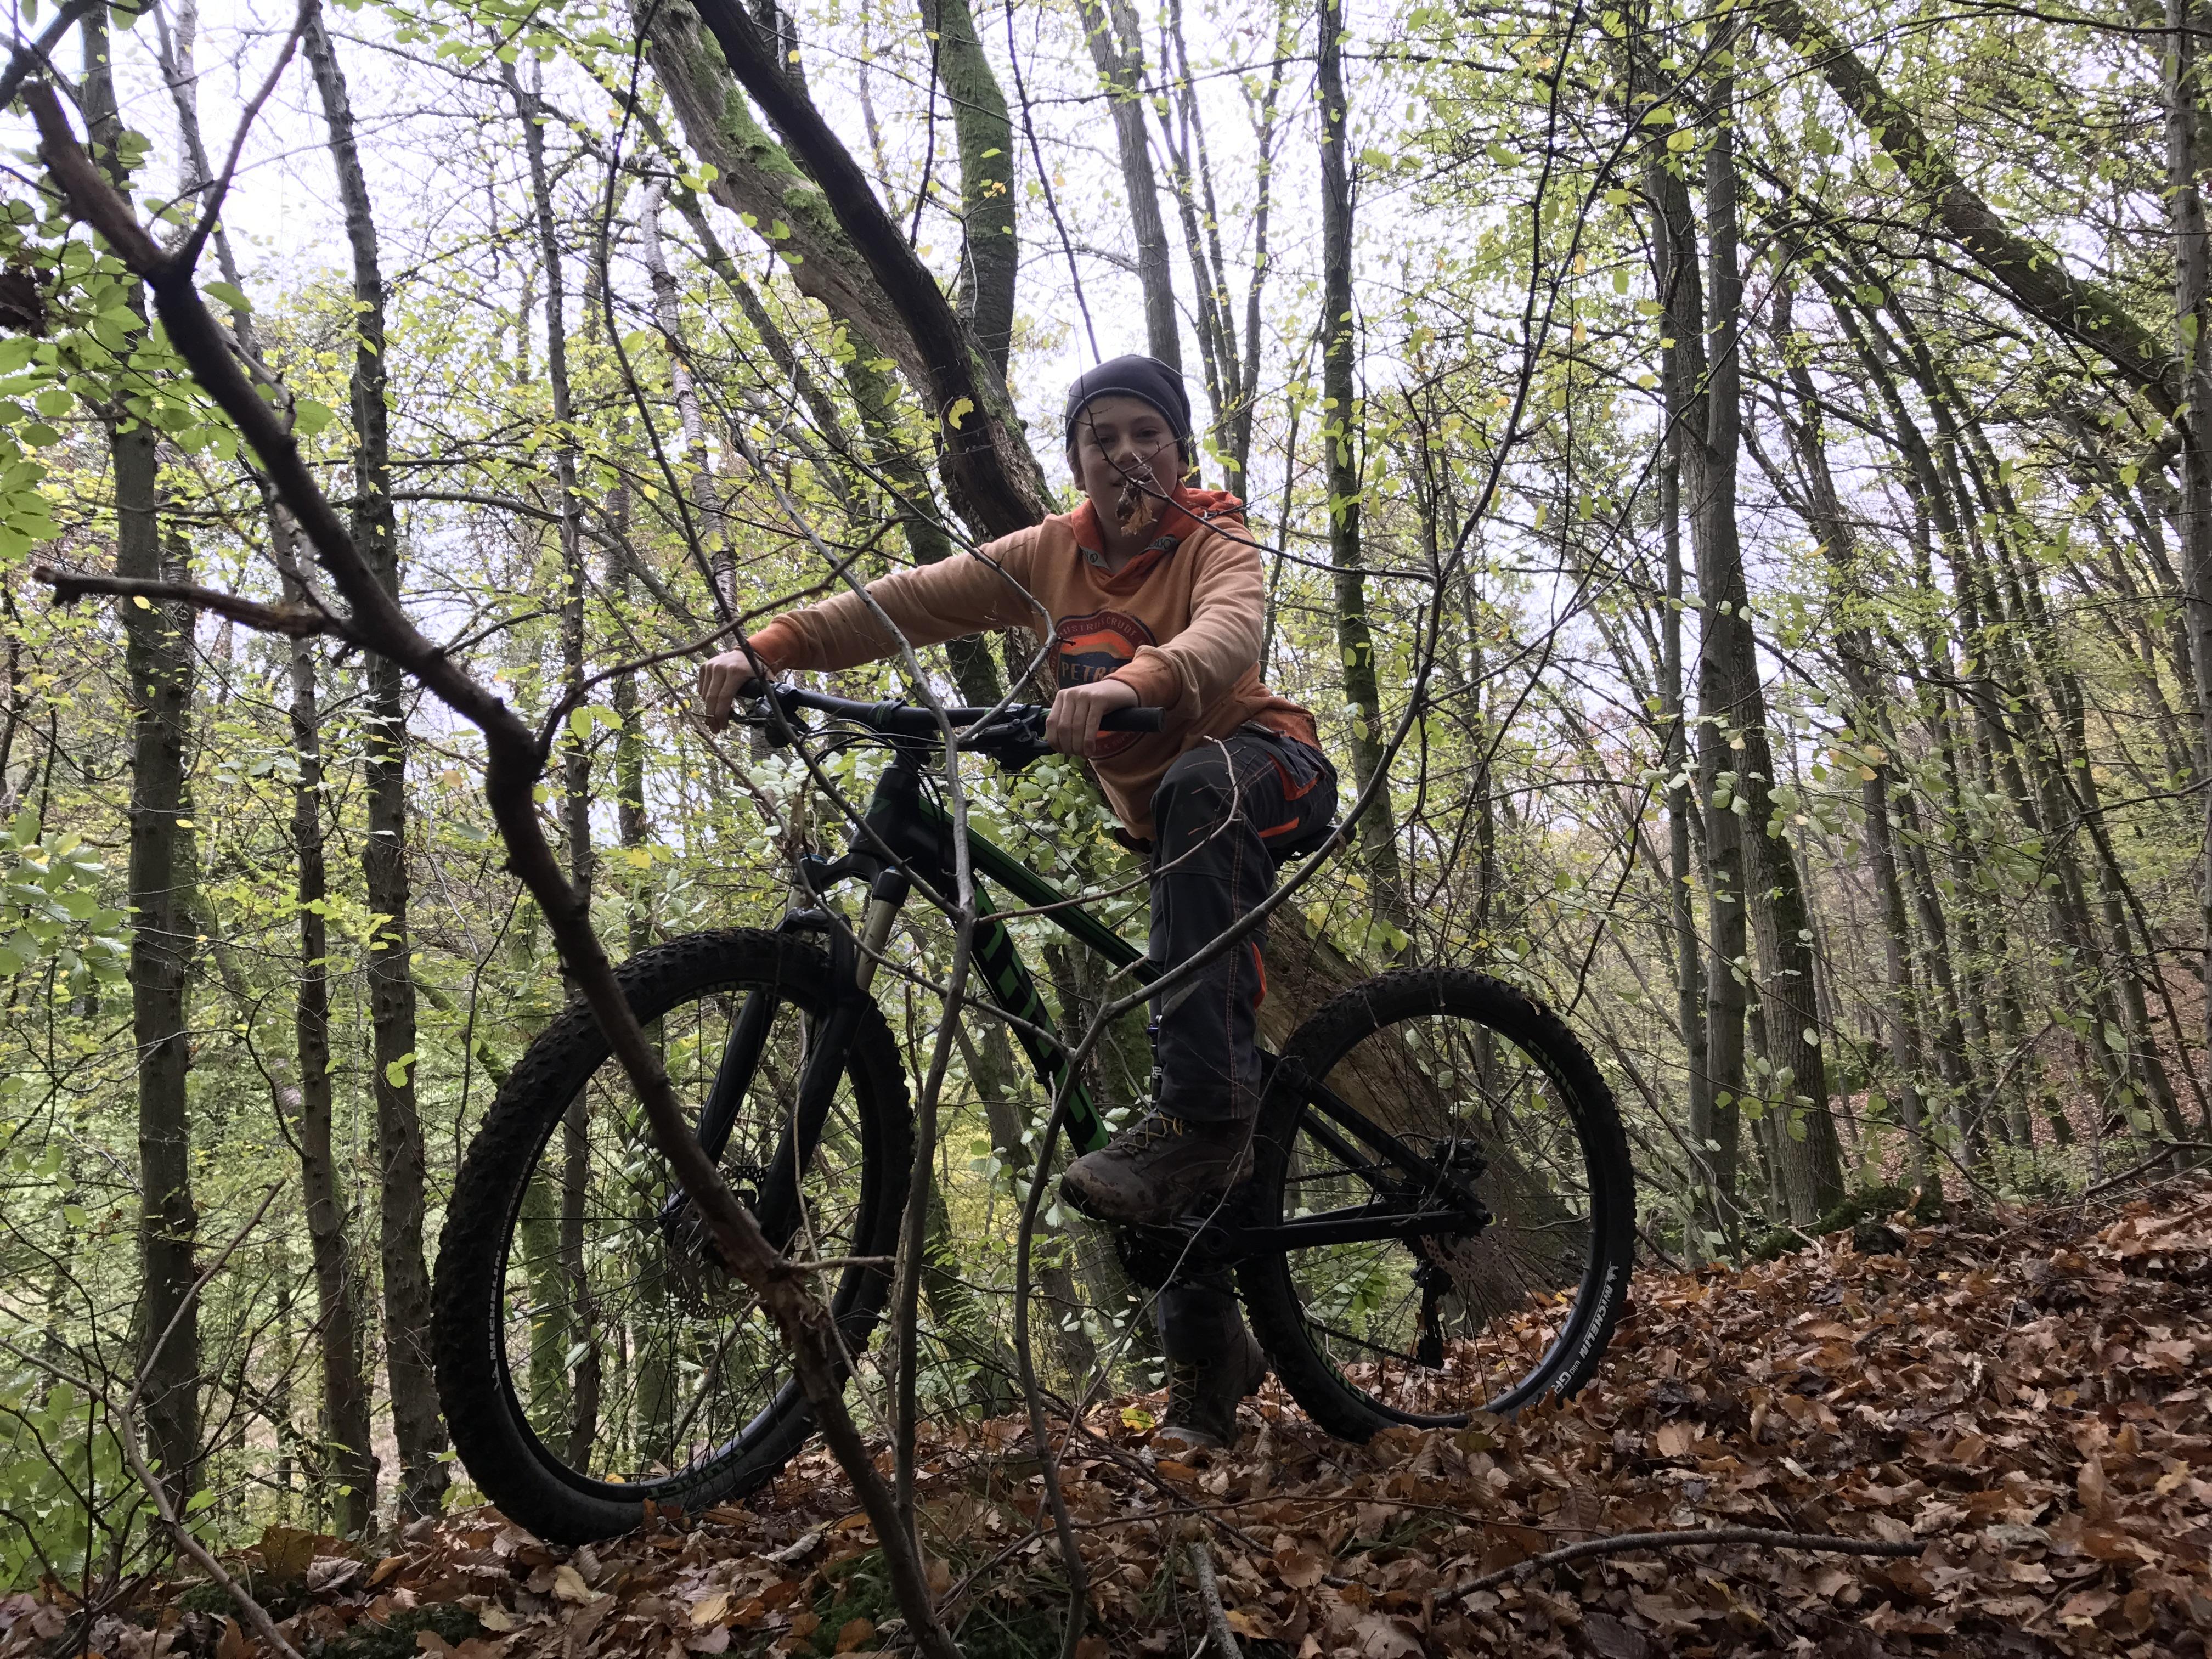 Paul und sein Bike. Mountainbiken ist eines von Pauls Lieblingsbeschäftigungen in seiner Freizeit.